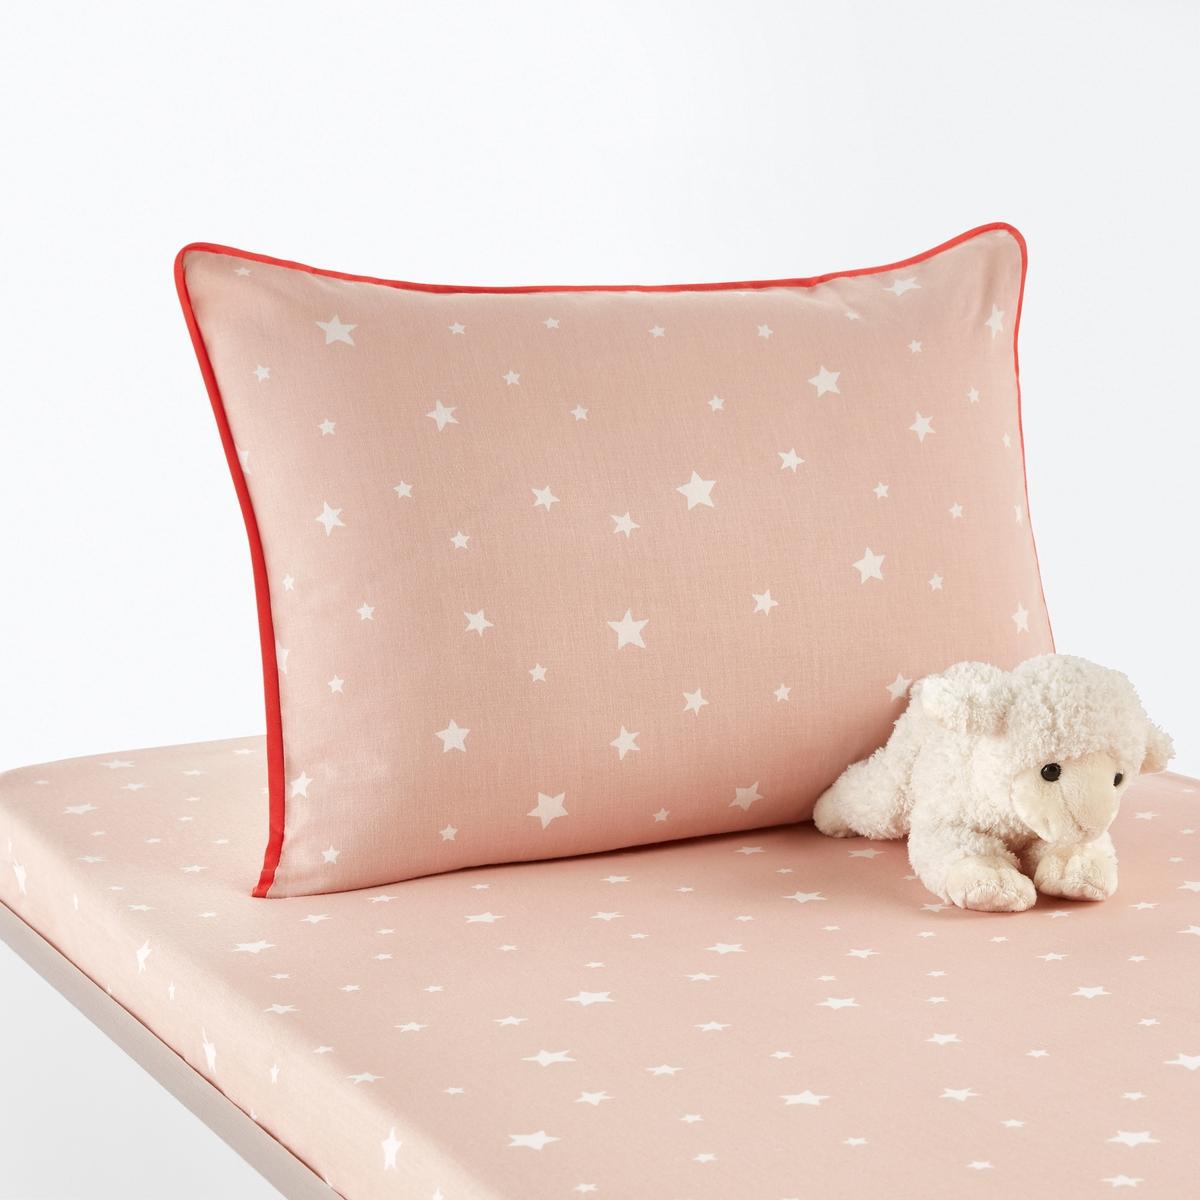 Baby-Kissenbezug ÉTOILES aus reiner Baumwolle | Kinderzimmer > Textilien für Kinder > Babytextilien | Baumwolle - Bedruckt | La Redoute Interieurs